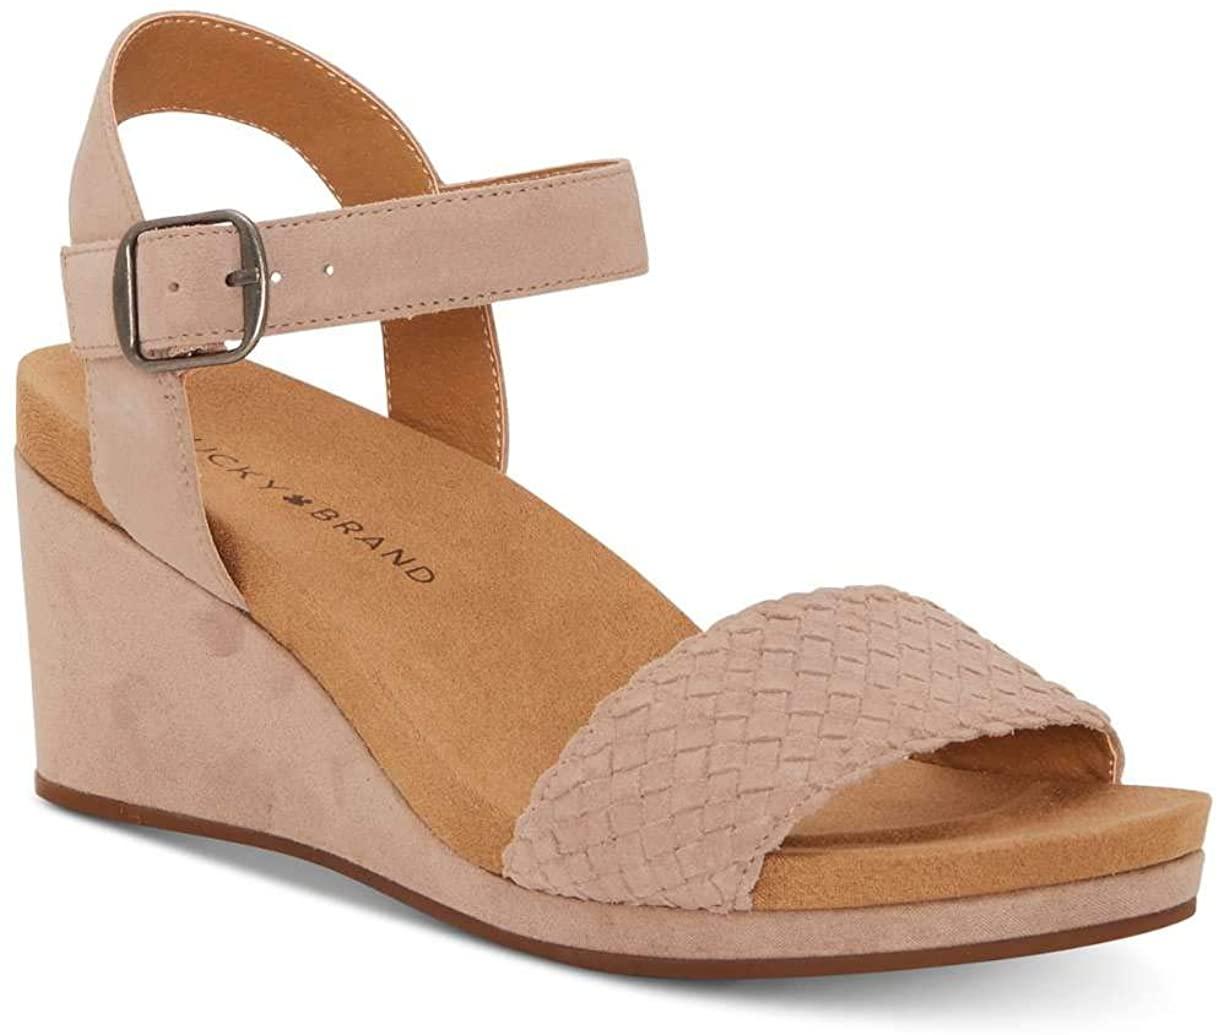 Lucky Brand Womens Kenette Leather Open Toe